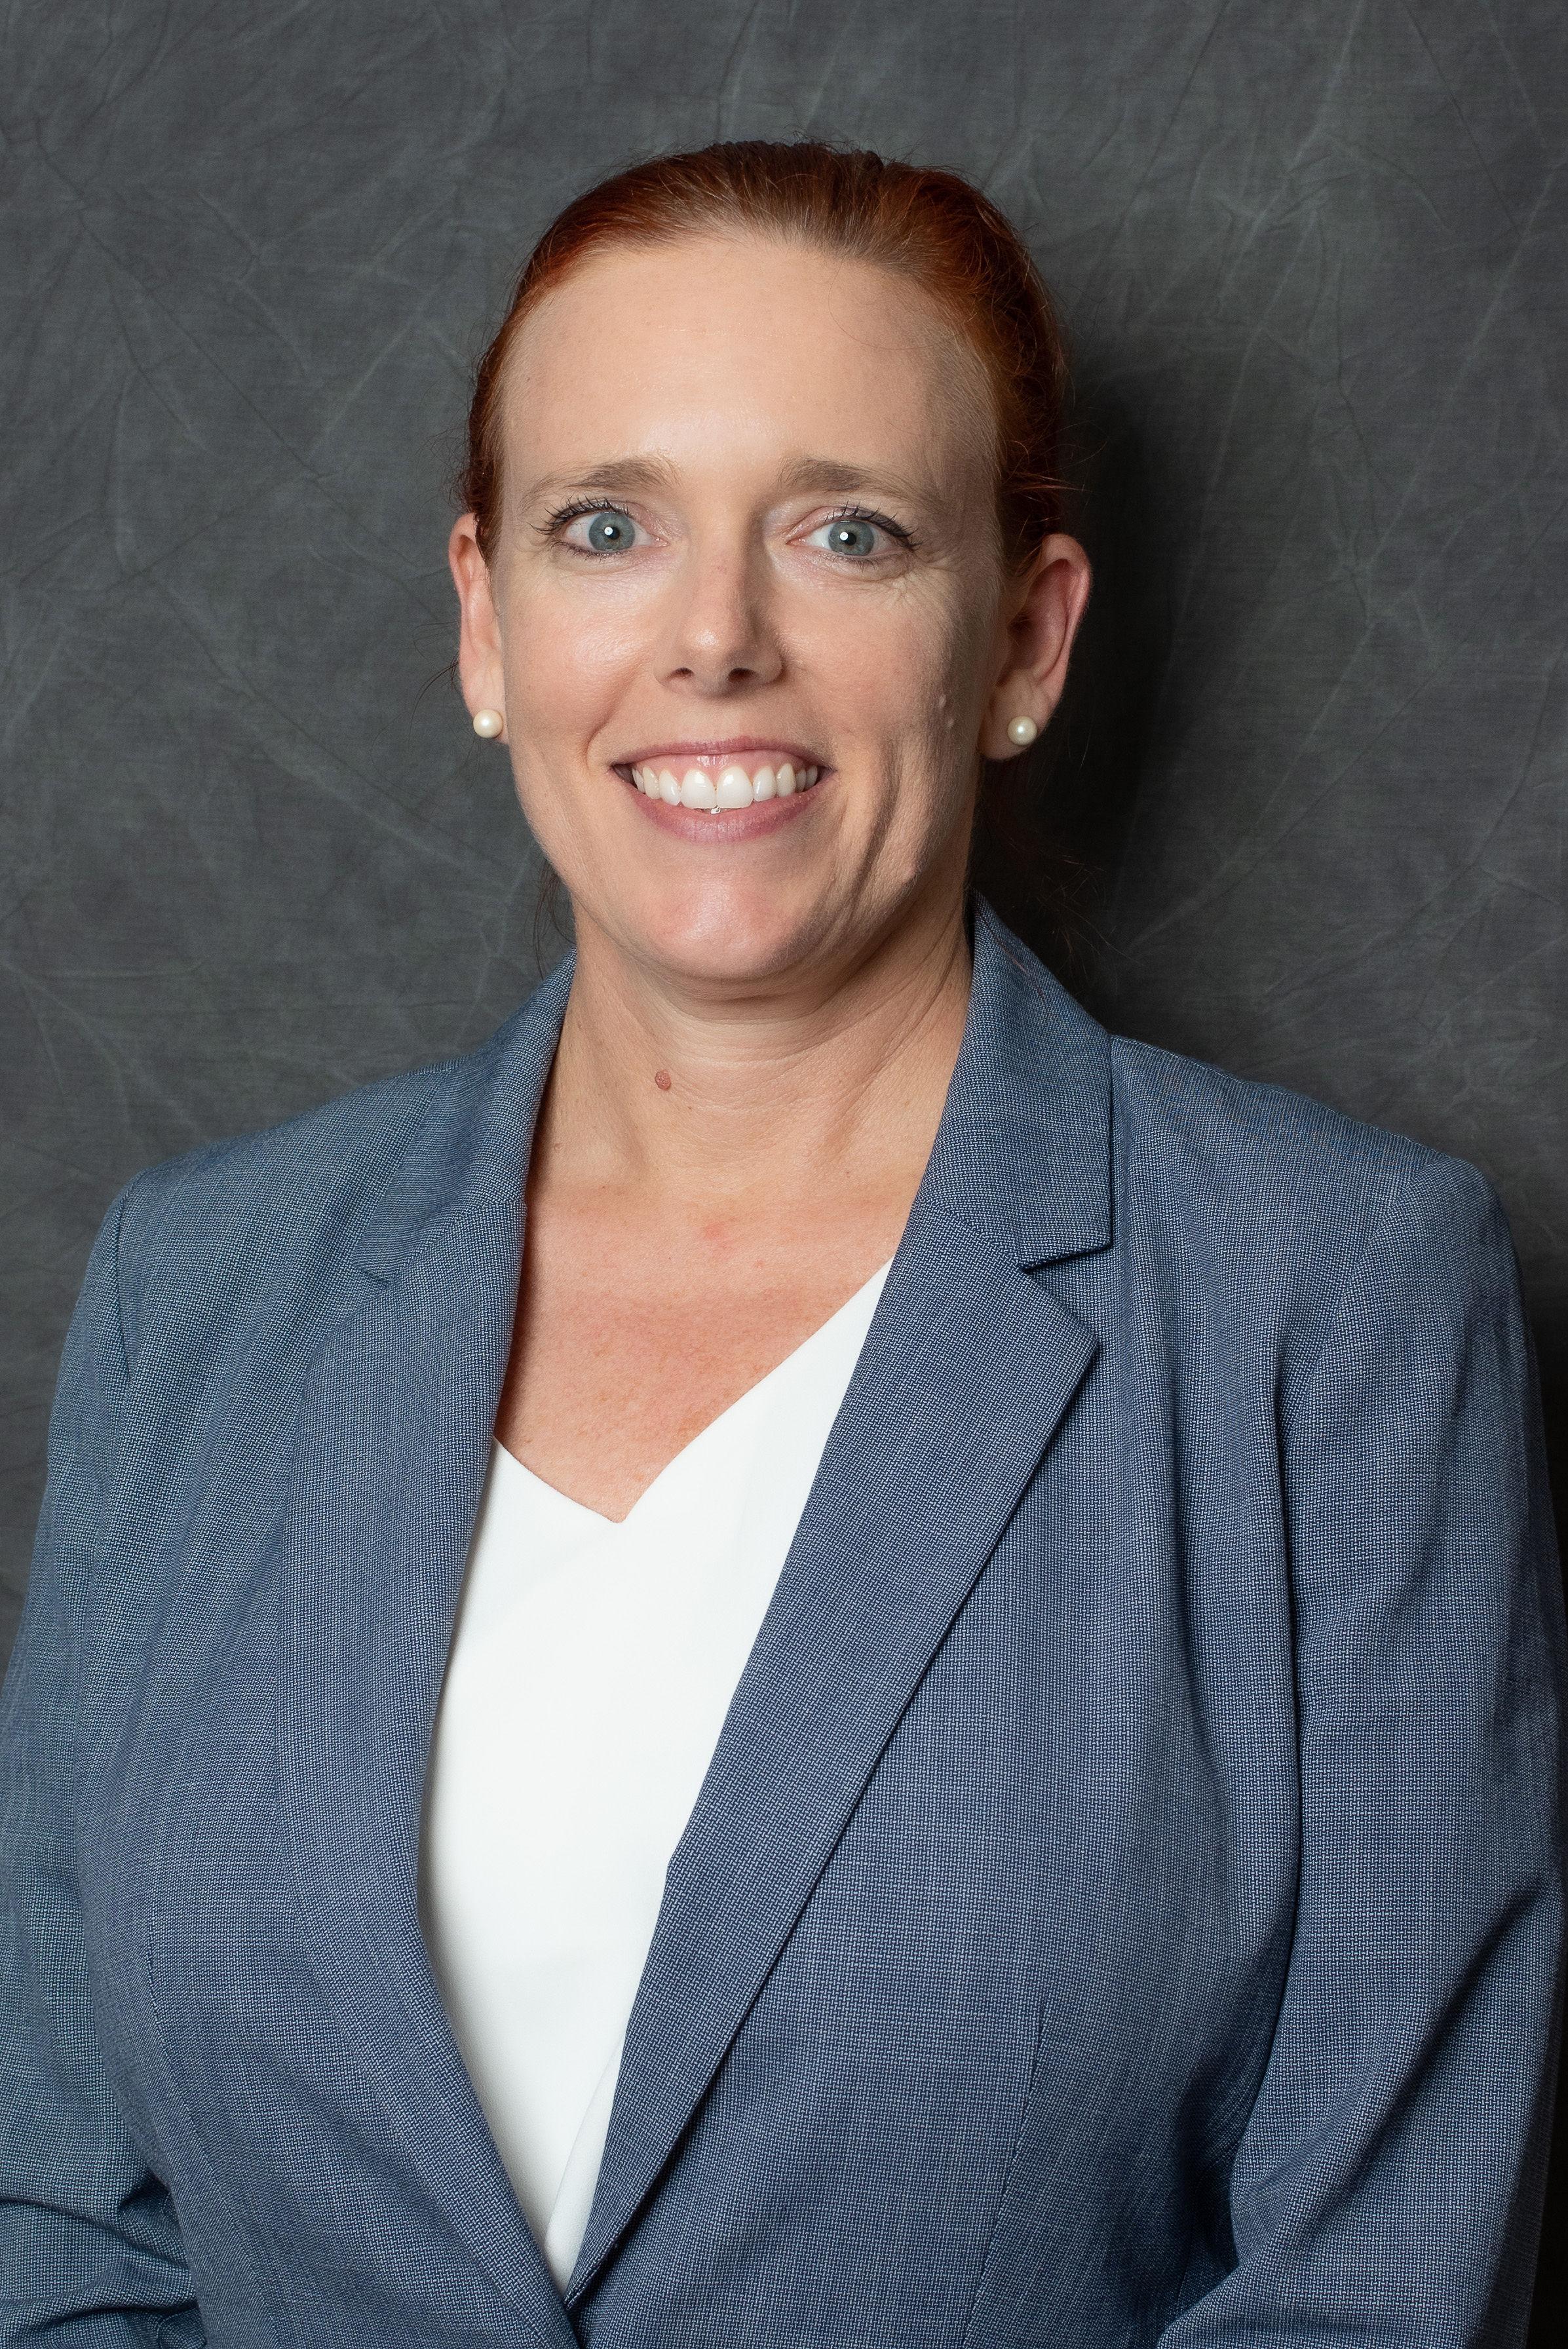 Heidi Chumley